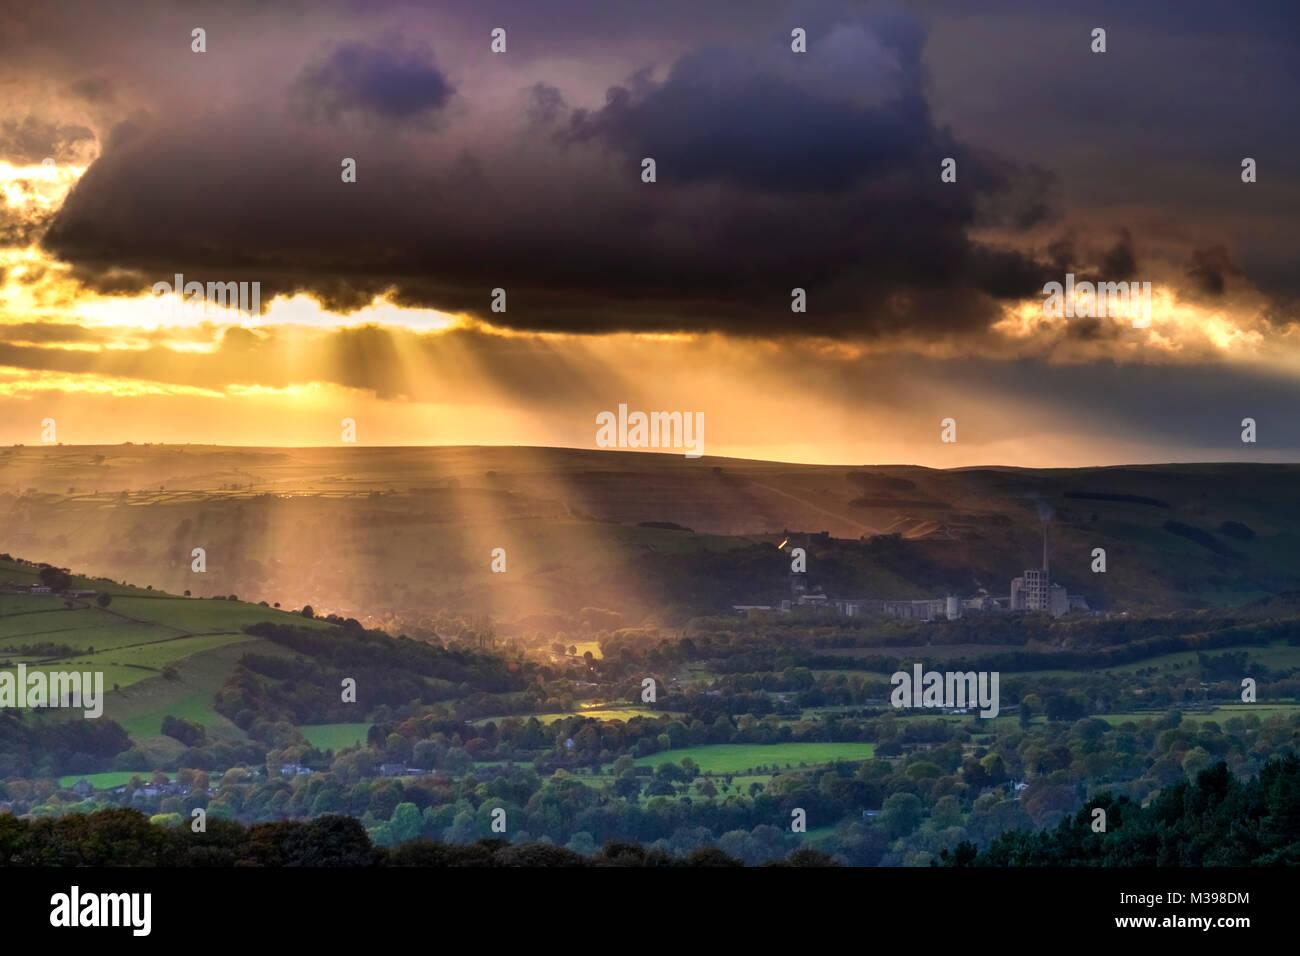 Rayons crépusculaires sur l'espoir Valley, parc national de Peak District, Derbyshire, Angleterre, RU Photo Stock